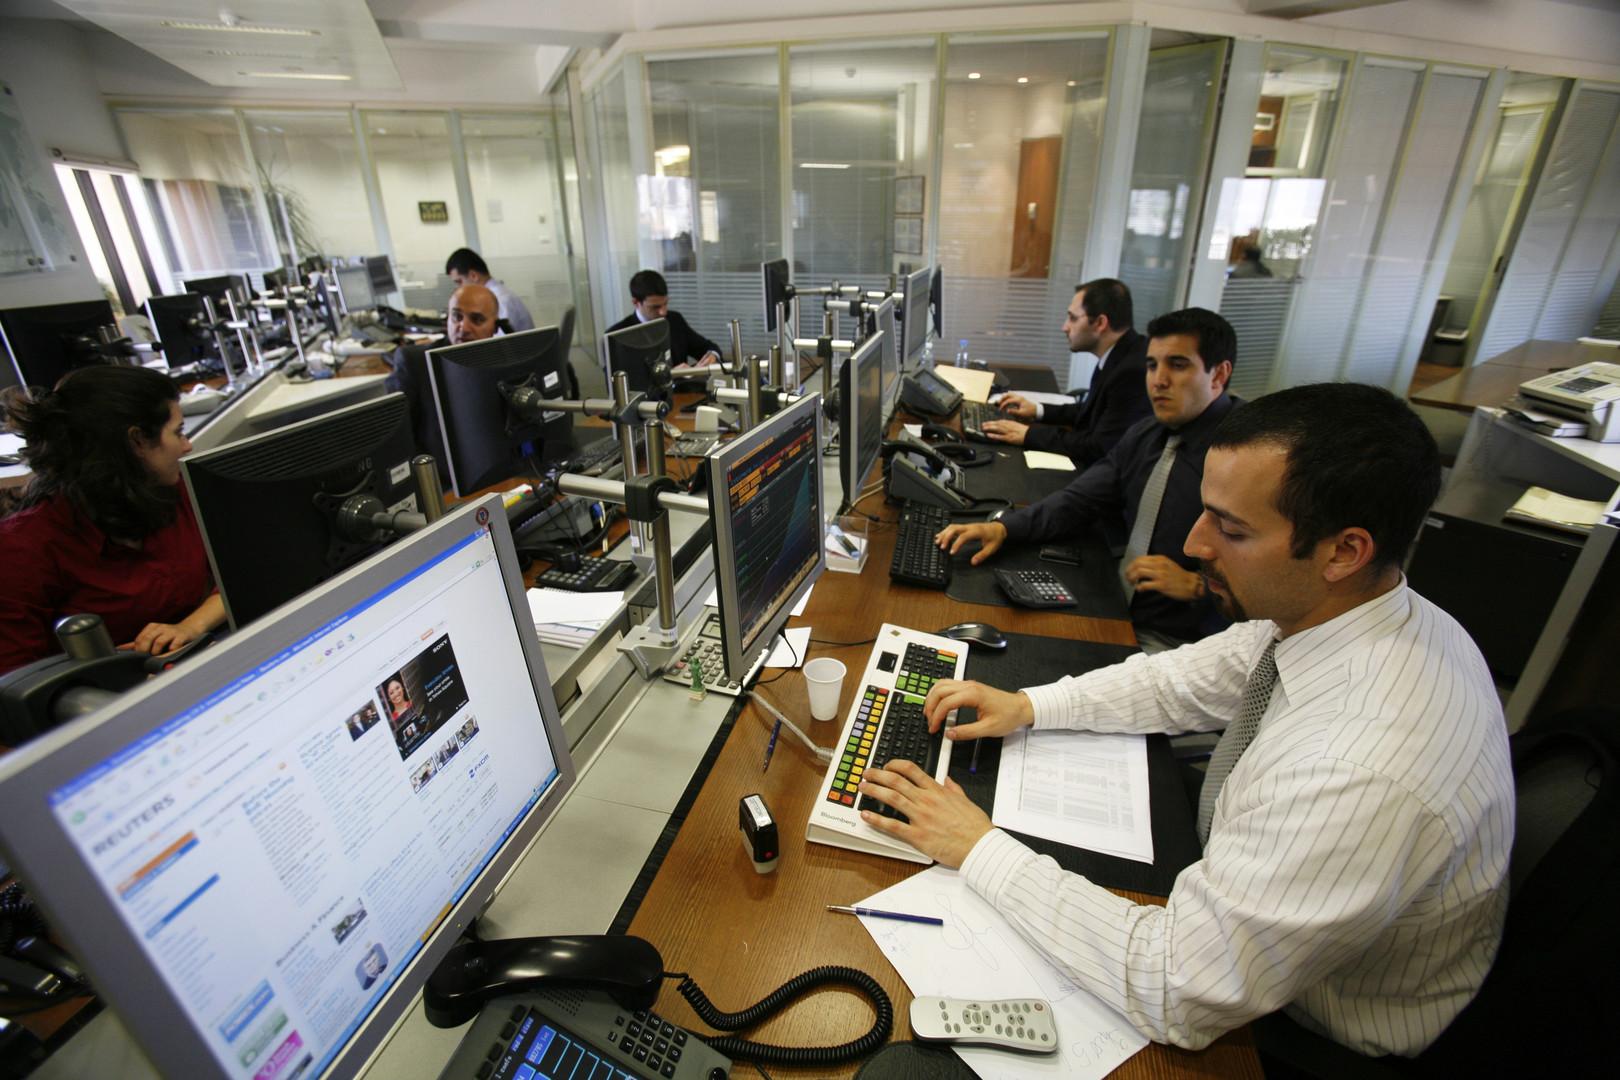 بورصة بيروت توقف التداولات حتى إشعار آخر